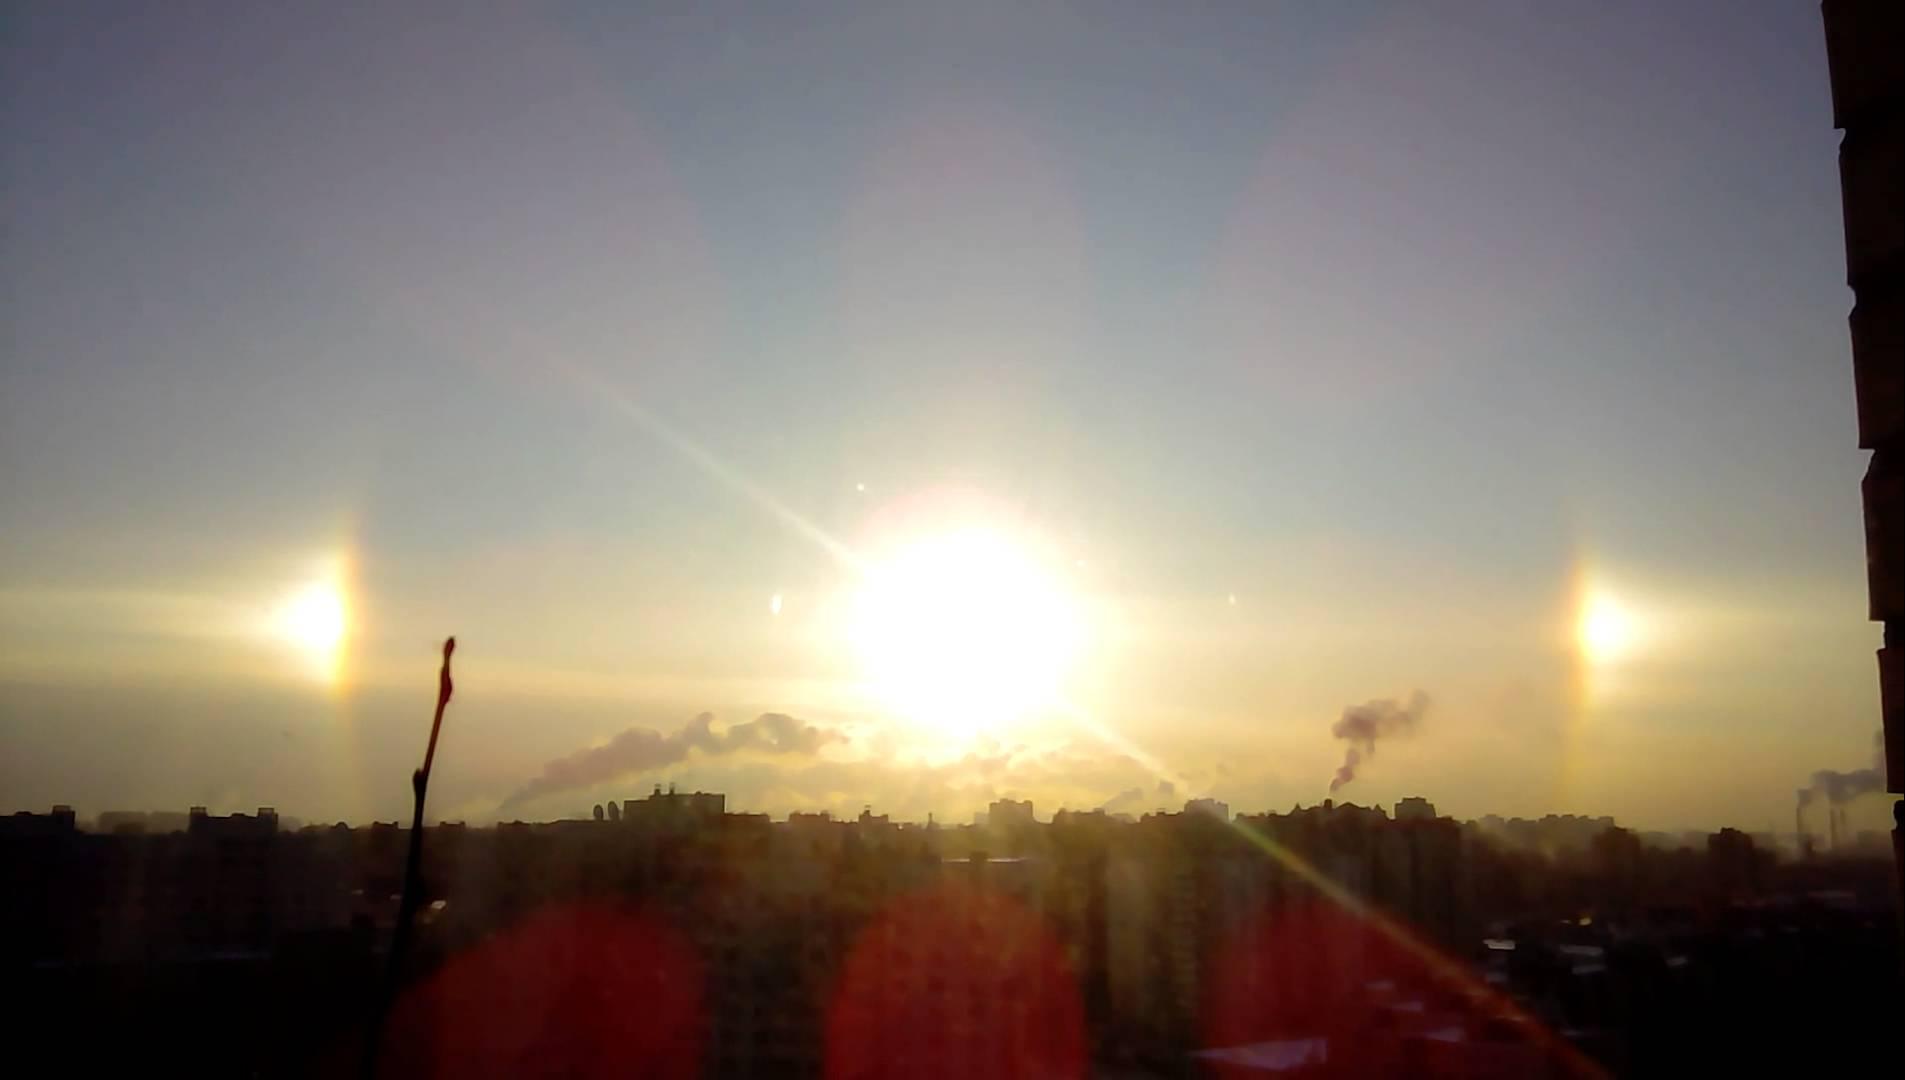 فيديو: ظاهرة بصرية نادرة شهدتها مدينة يان بطرسبورج بشمال غرب روسيا